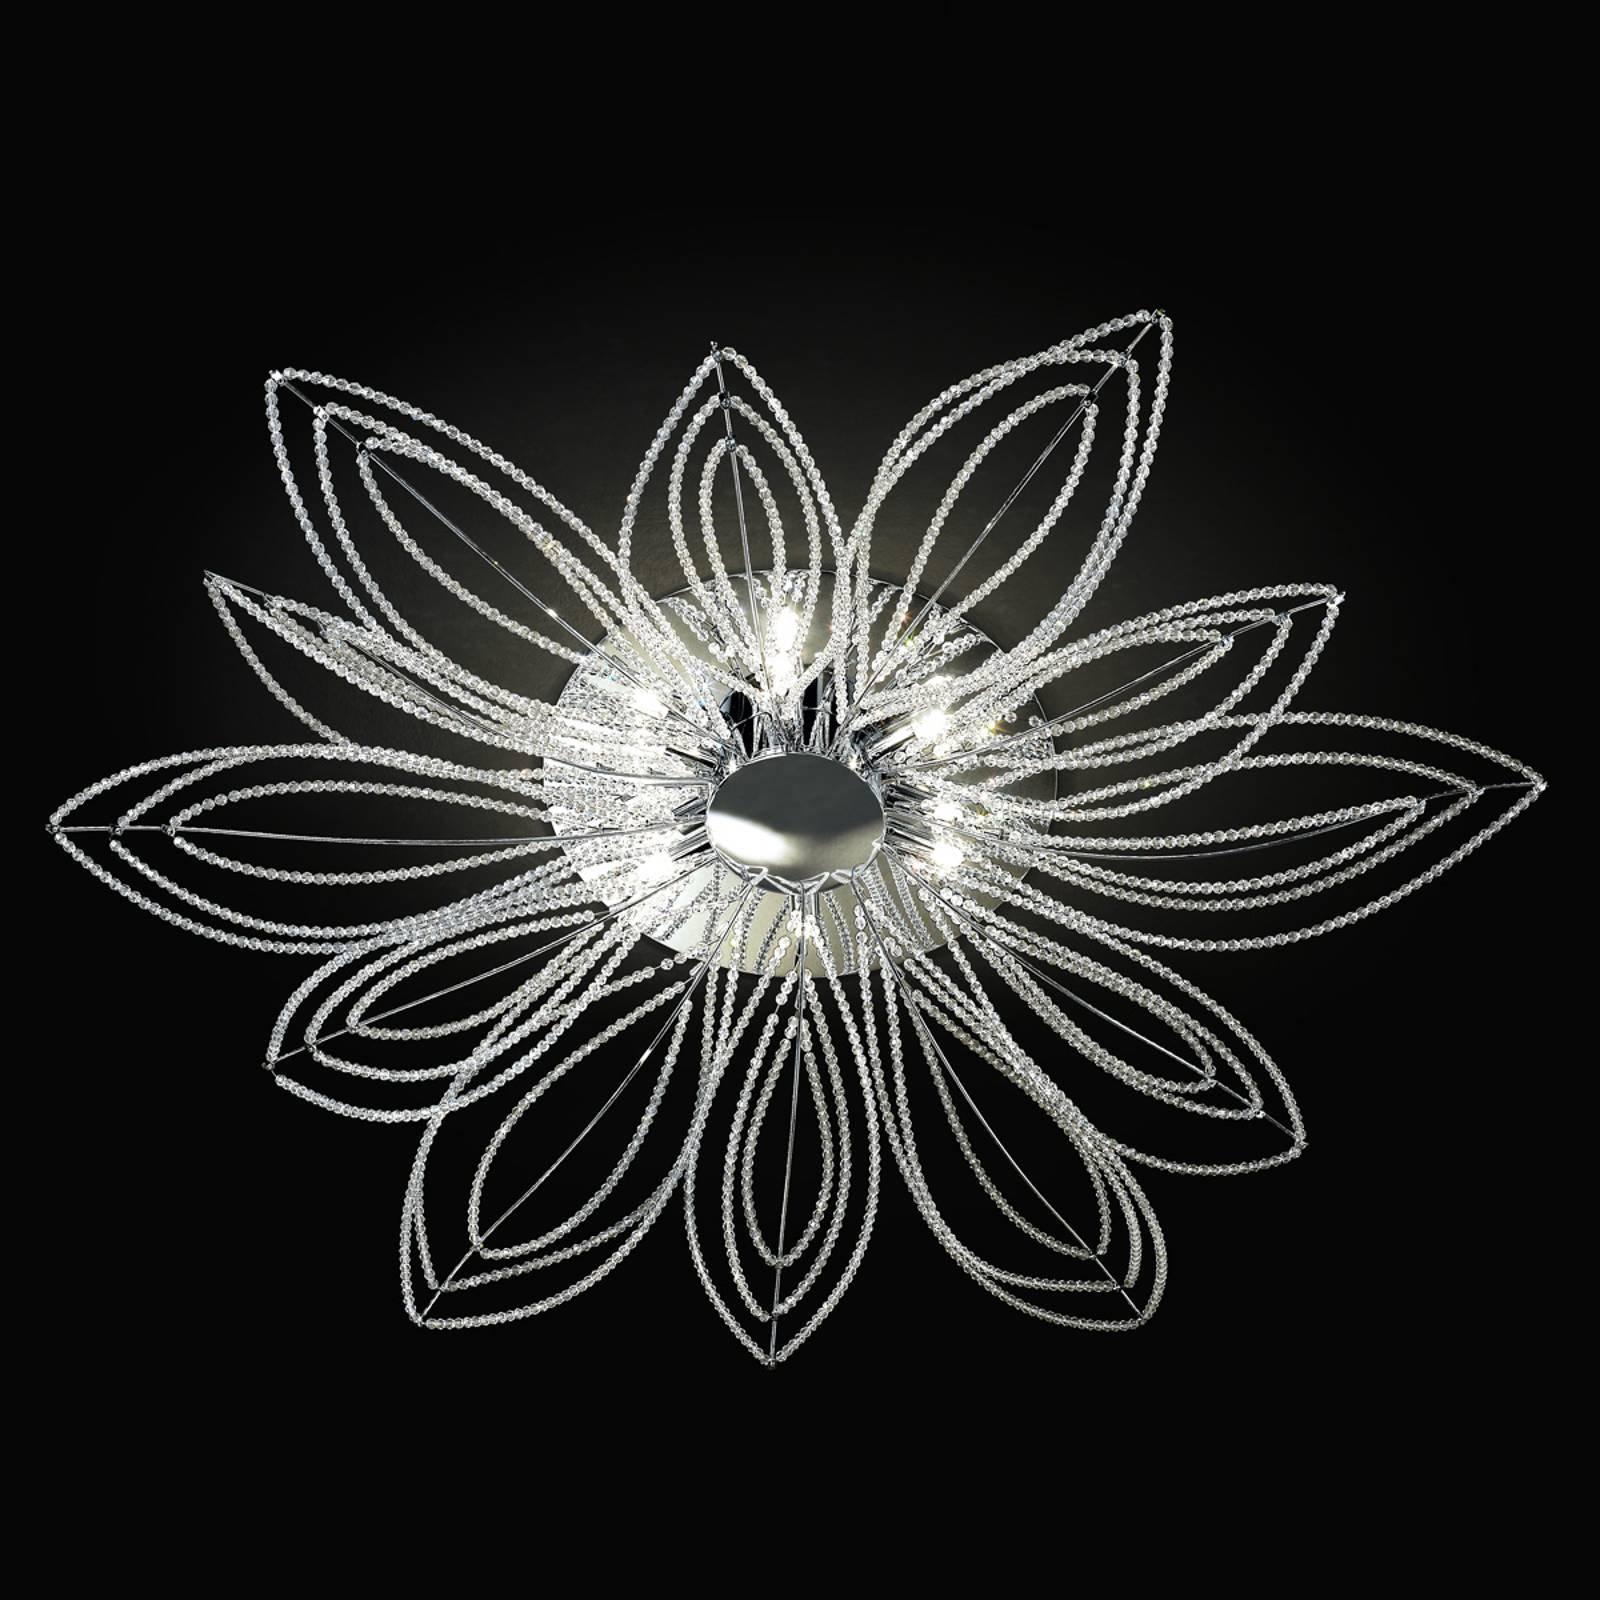 Girasole taklampe i blomsterform, 98 cm